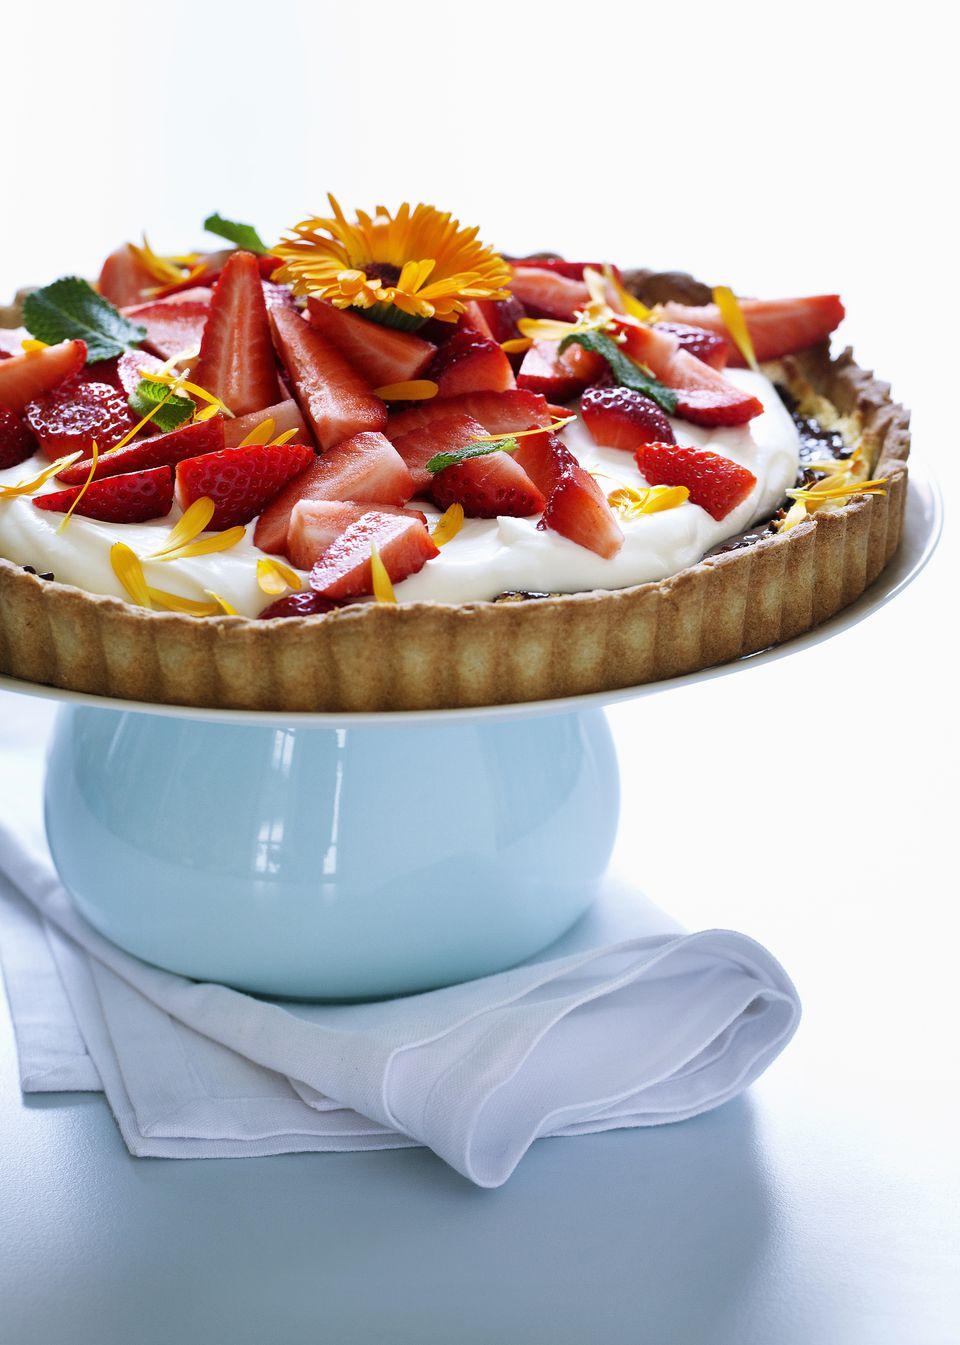 Macerated strawberries tart